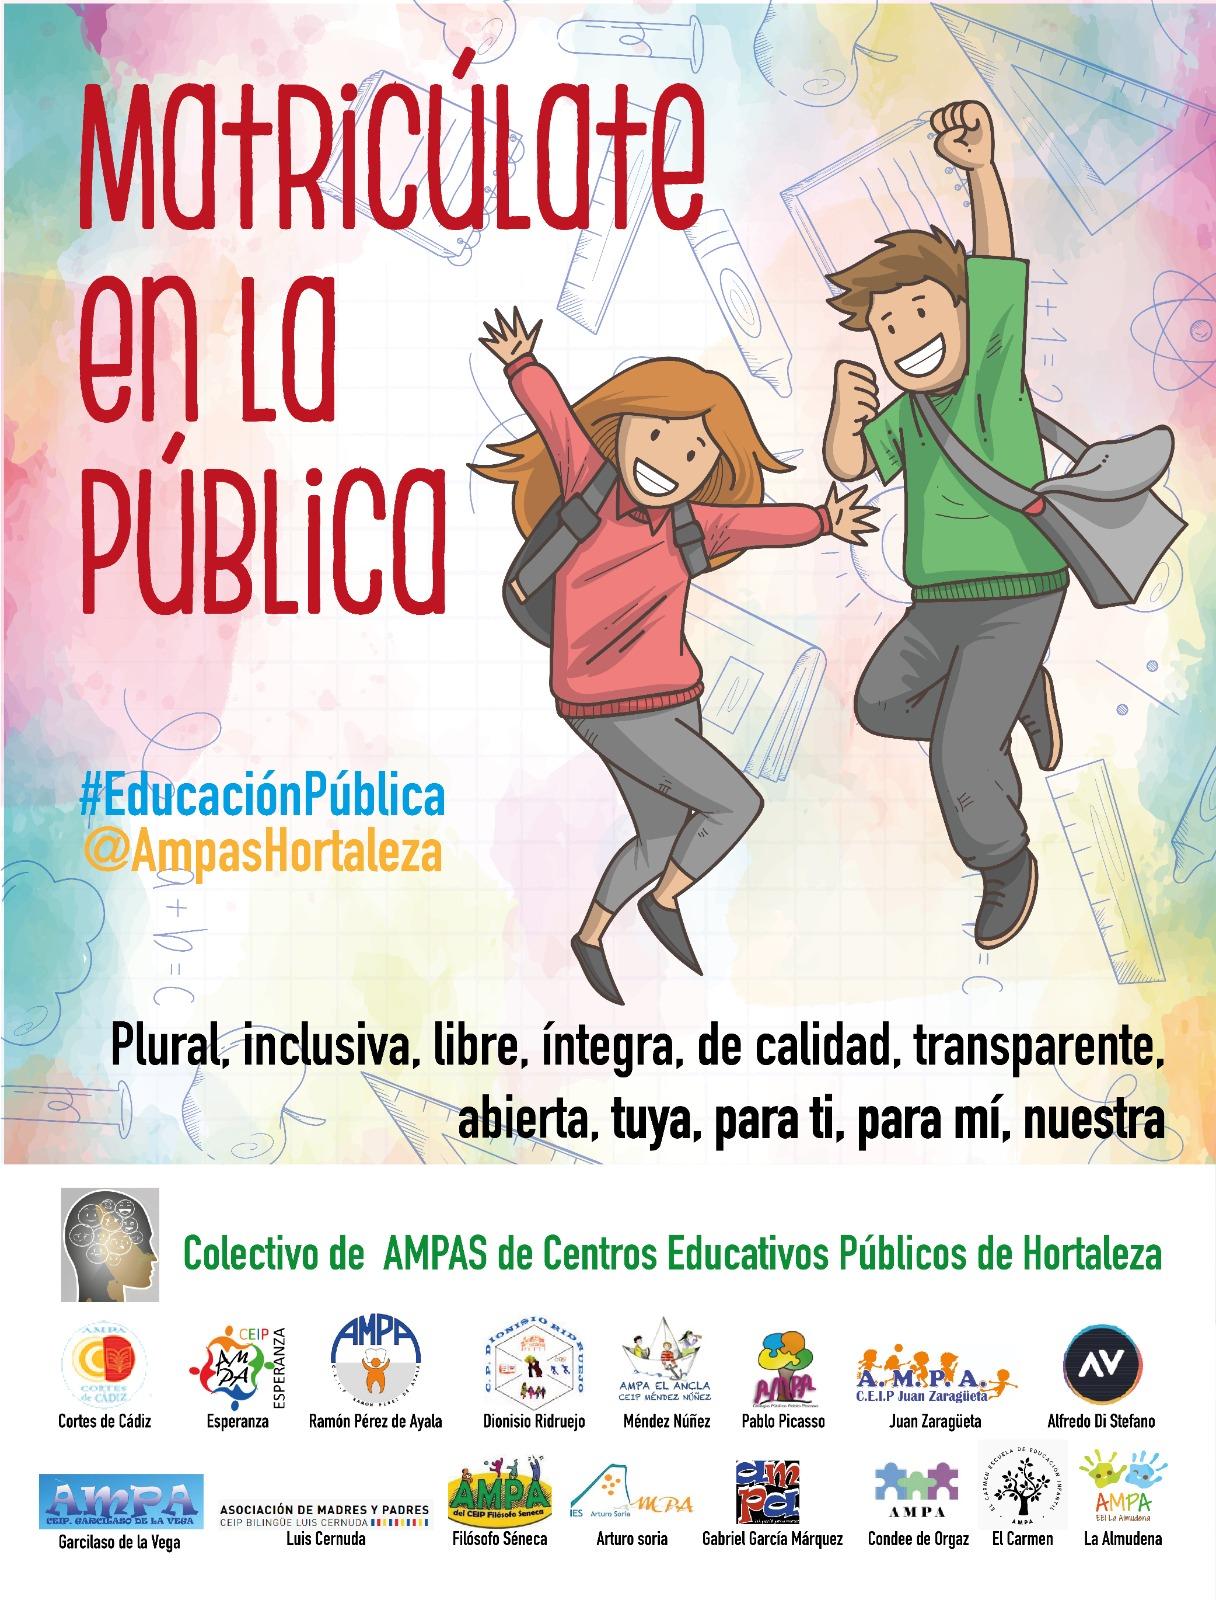 Cartel a favor de la educación pública de calidad.